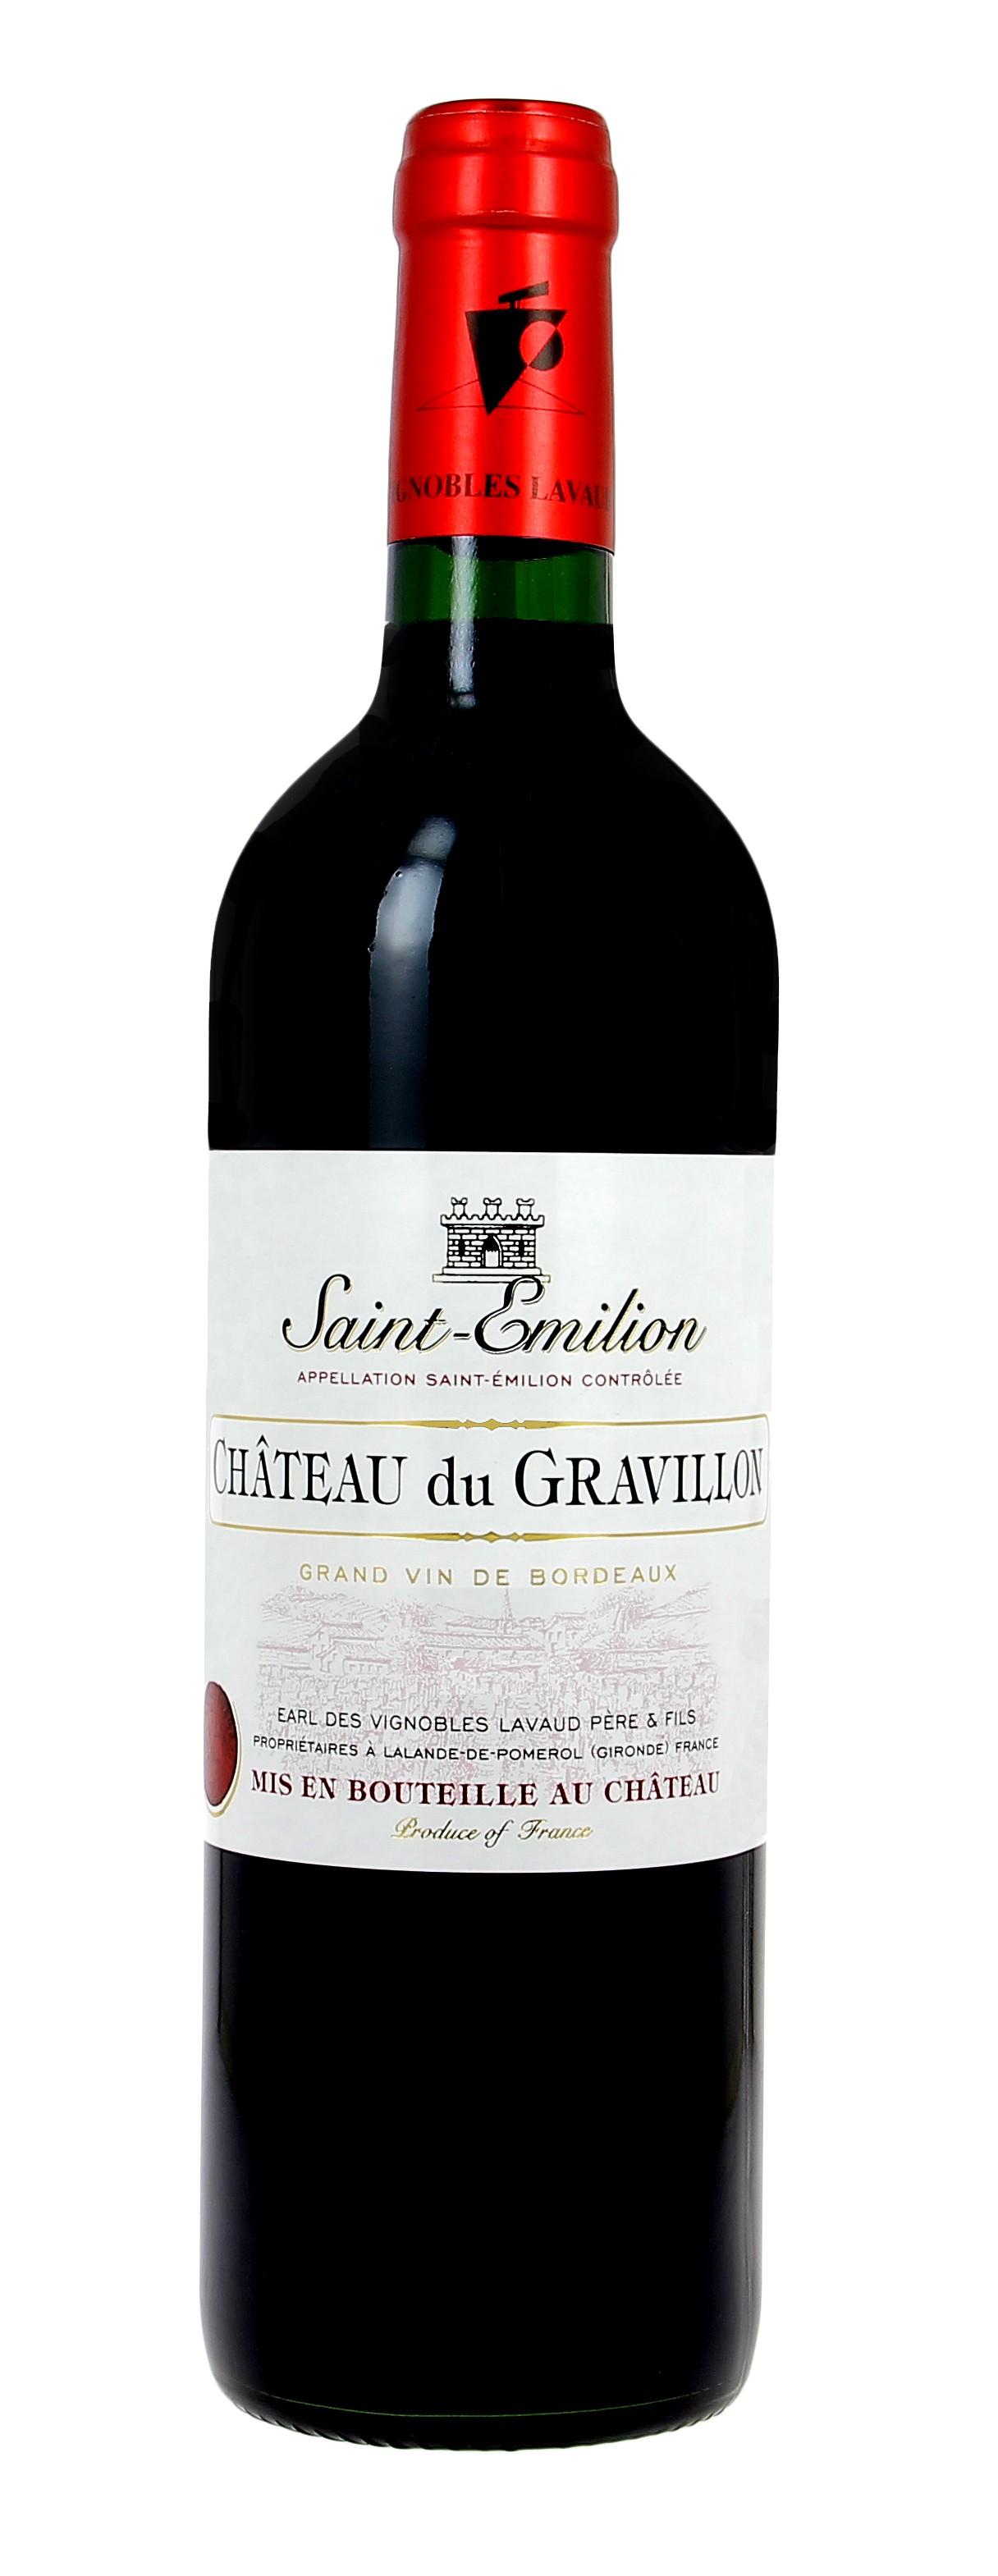 Vin Saint-Émilion : nos bons conseils pour le conserver au mieux